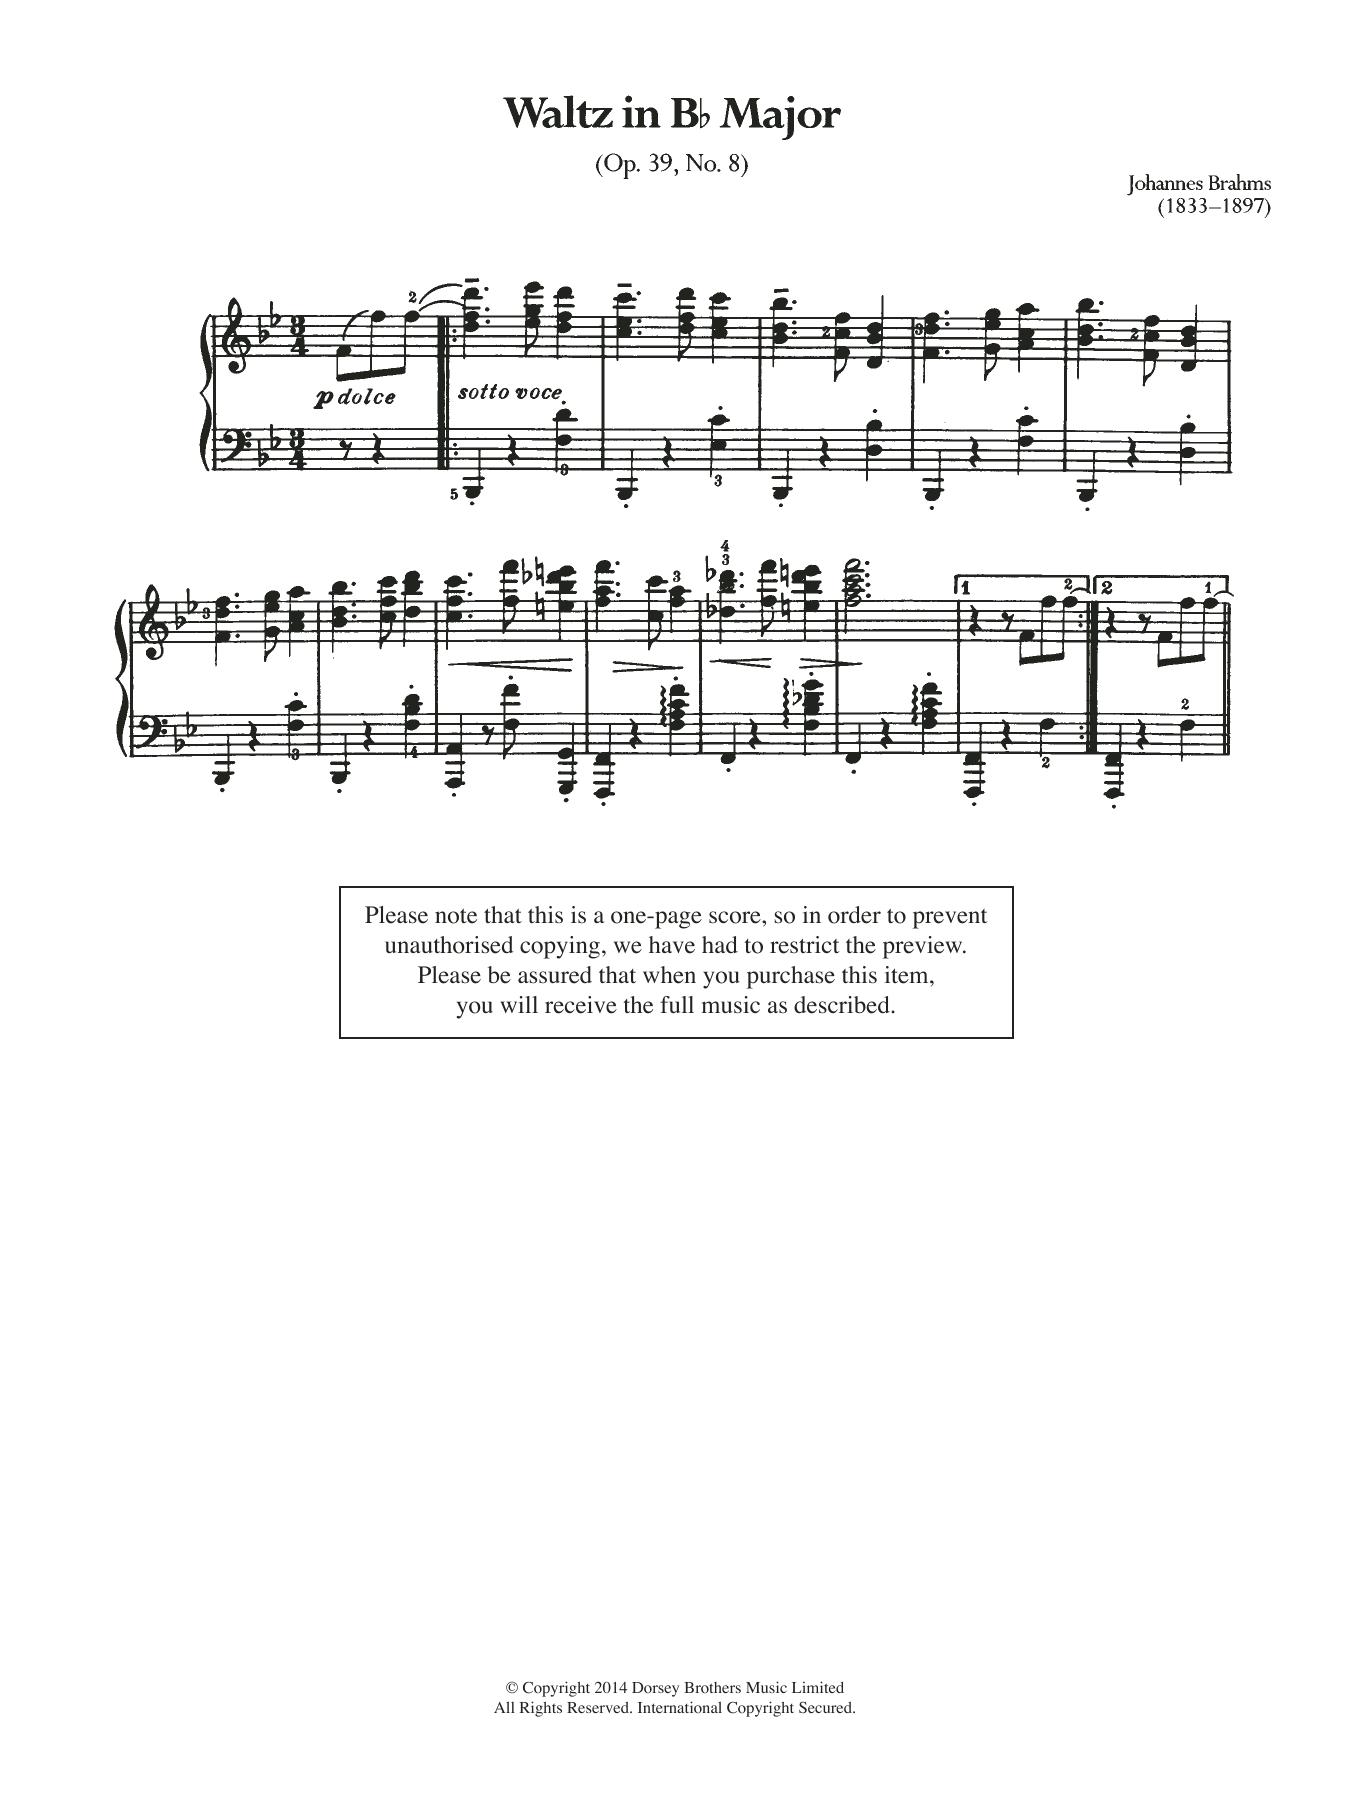 Johannes Brahms - Waltz In B Flat, Op.39 No.8